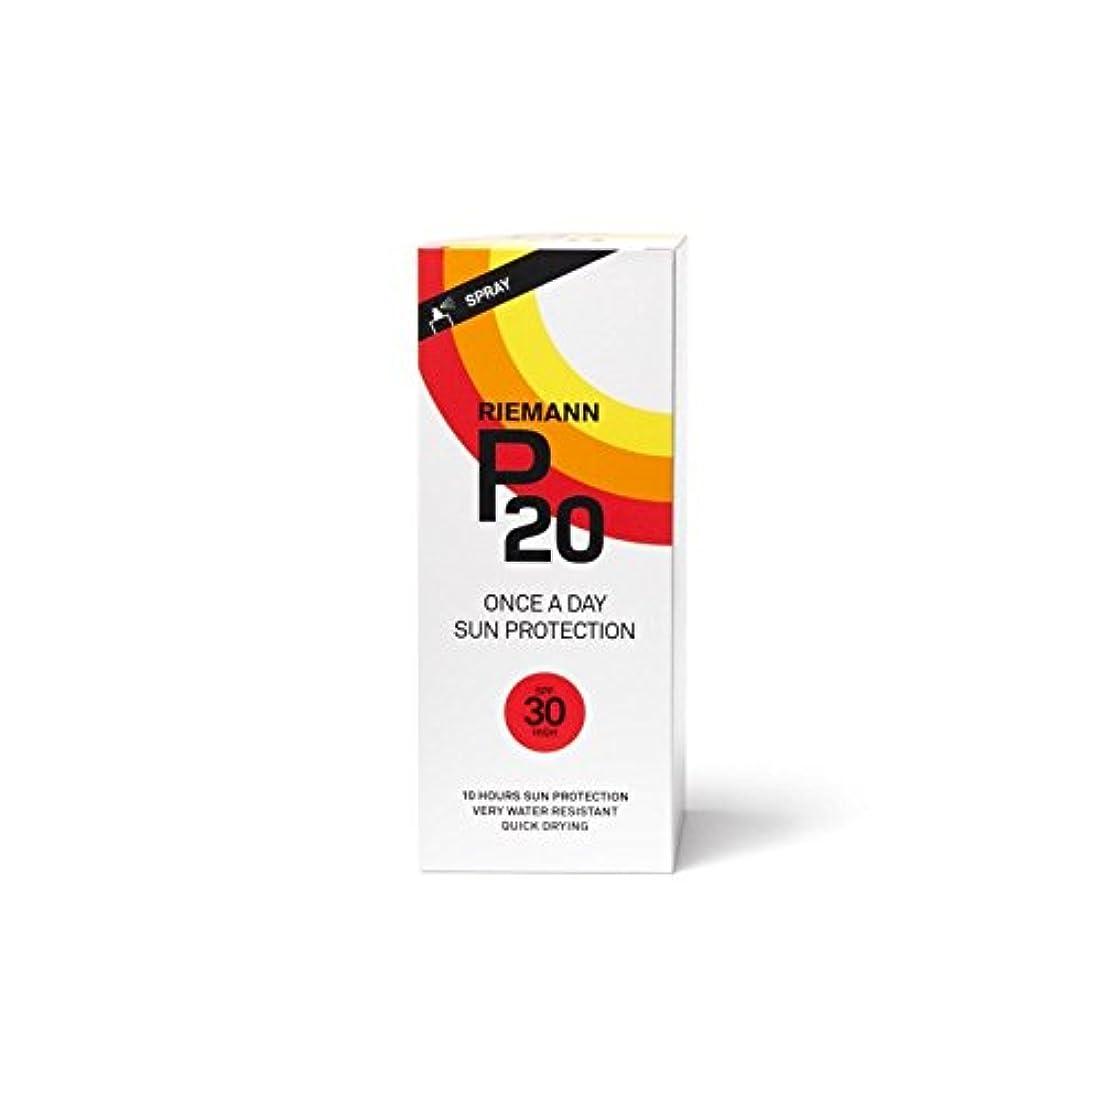 単独でシャイニング黒人Riemann P20 Sun Filter 200ml SPF30 (Pack of 6) - リーマン20のサンフィルター200ミリリットル30 x6 [並行輸入品]